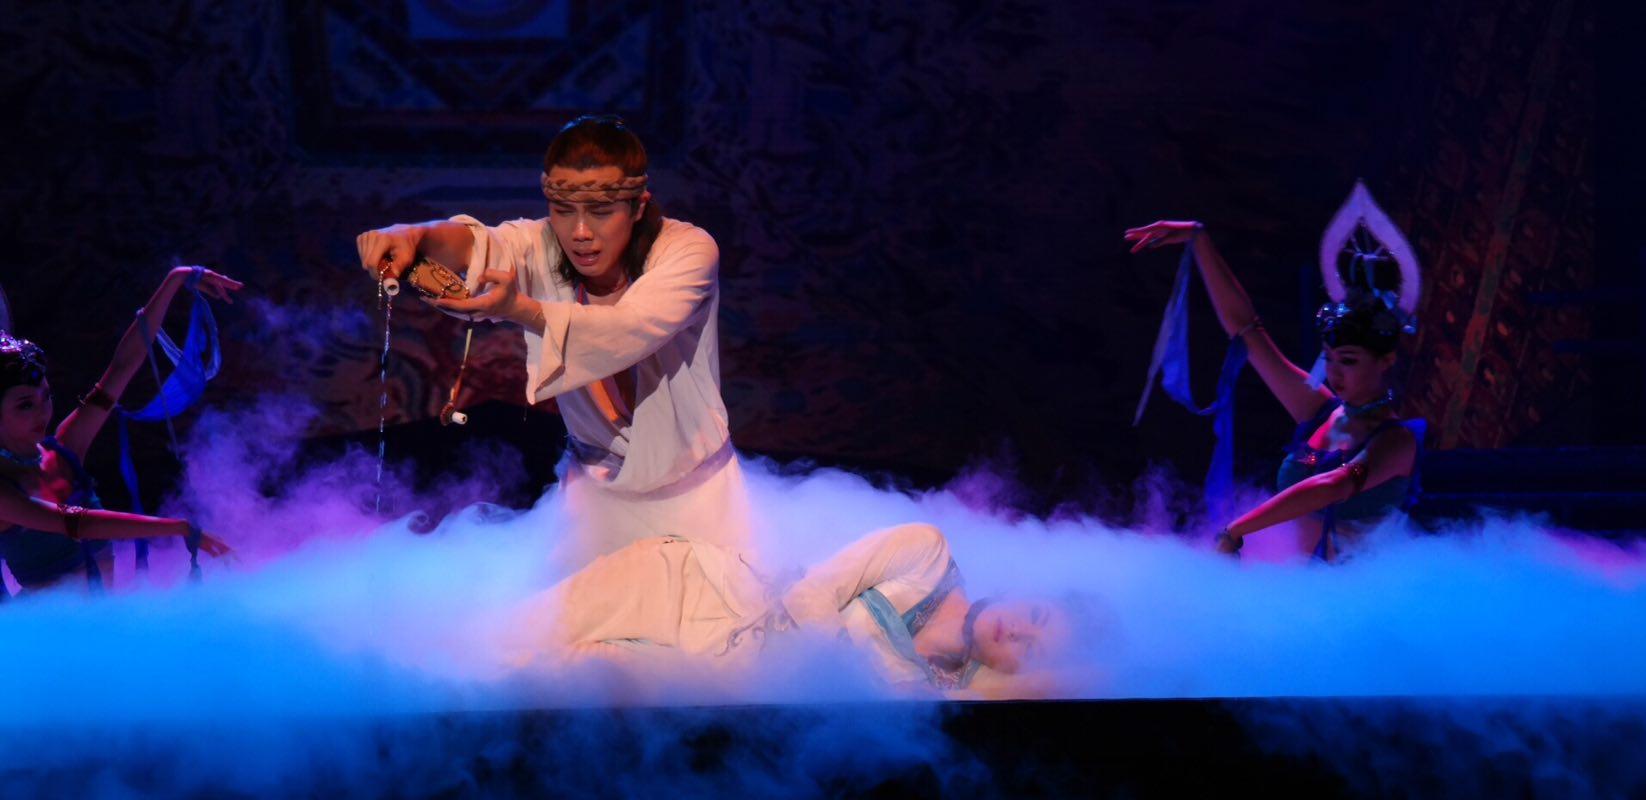 中国版《罗密欧与朱丽叶》 《大梦敦煌》征服法兰克福